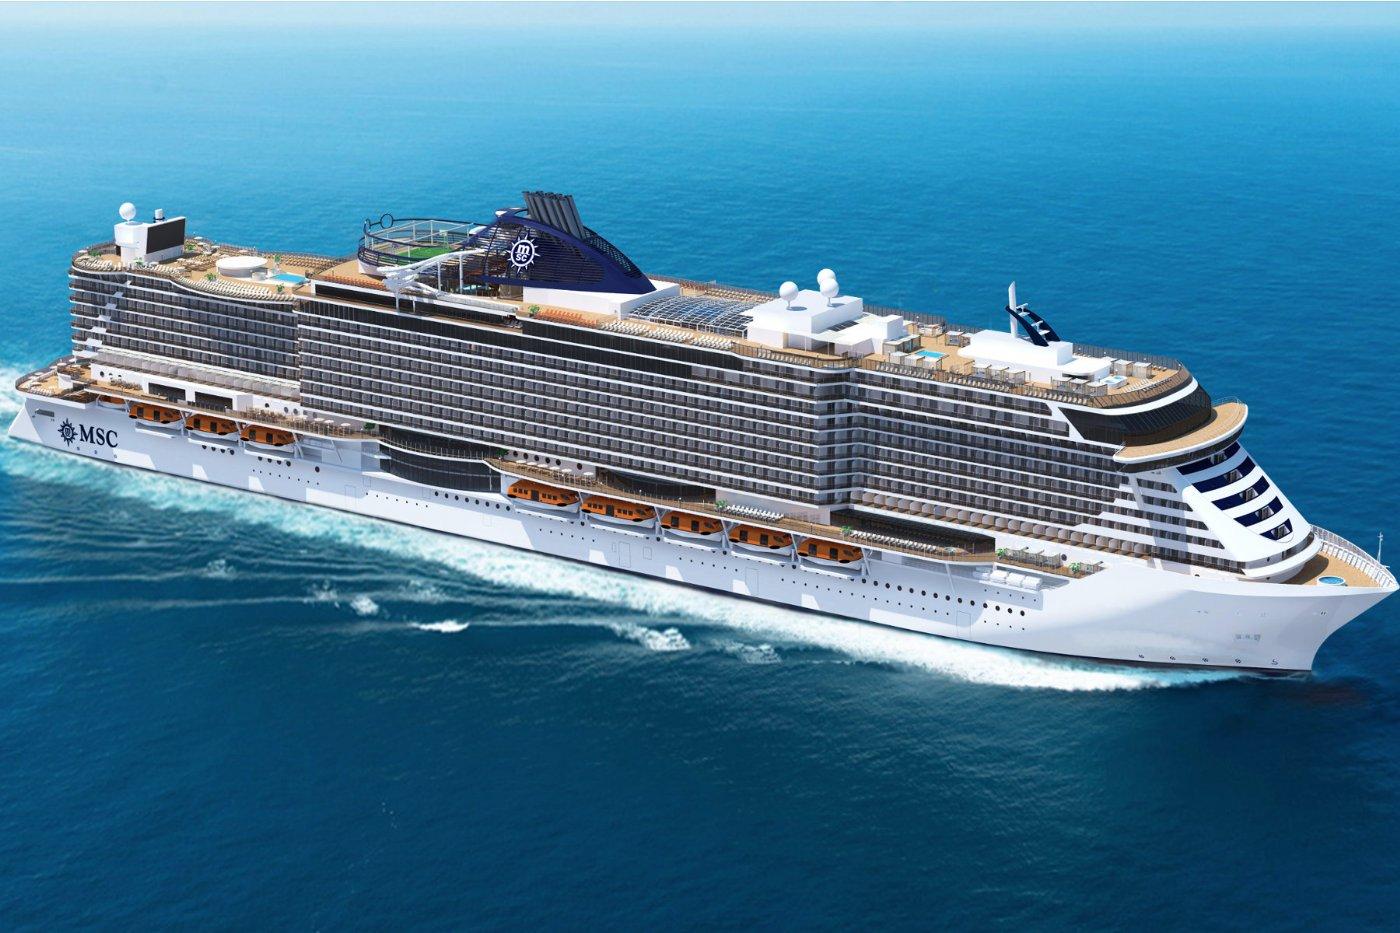 Msc Meraviglia ile Fiyortlar, Alesund ve Flaam cruise gemi turları